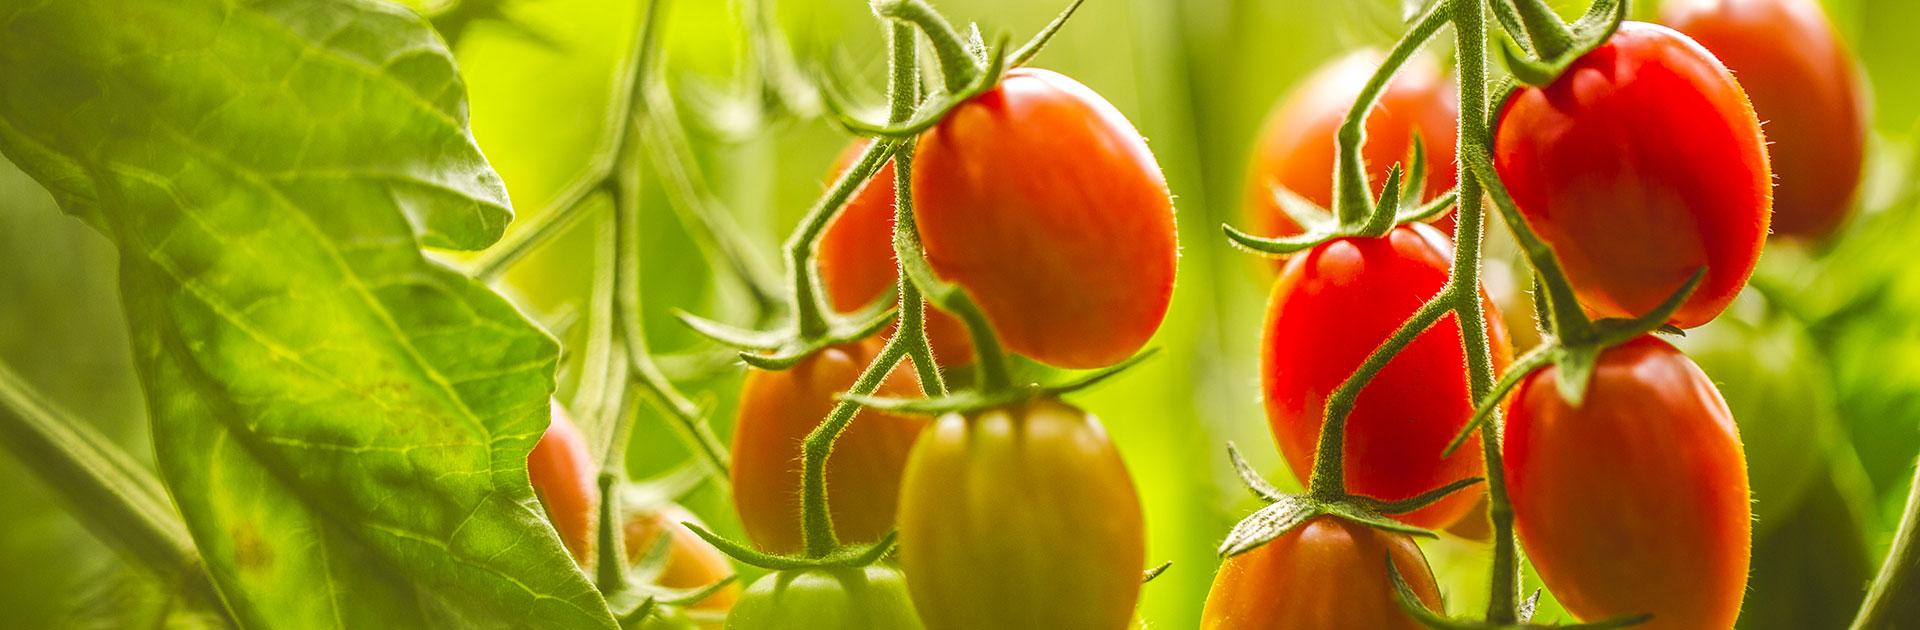 Tomaten-Null-Rückstand Pestizid de-azura